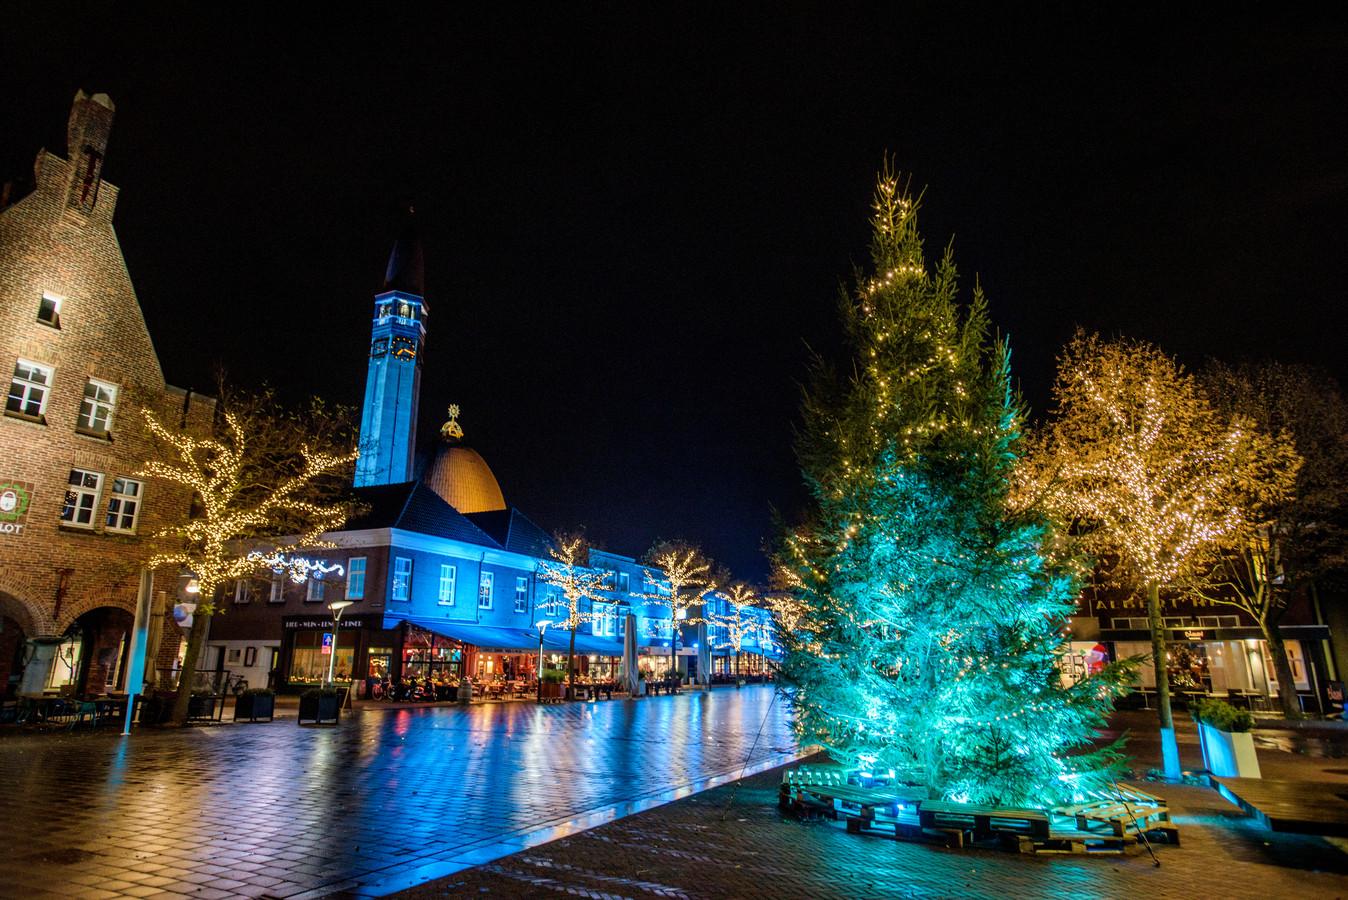 Sinds gisteren staat hij er, de kerstboom op het Raadhuisplein. Blauw uitgelicht uiteraard.